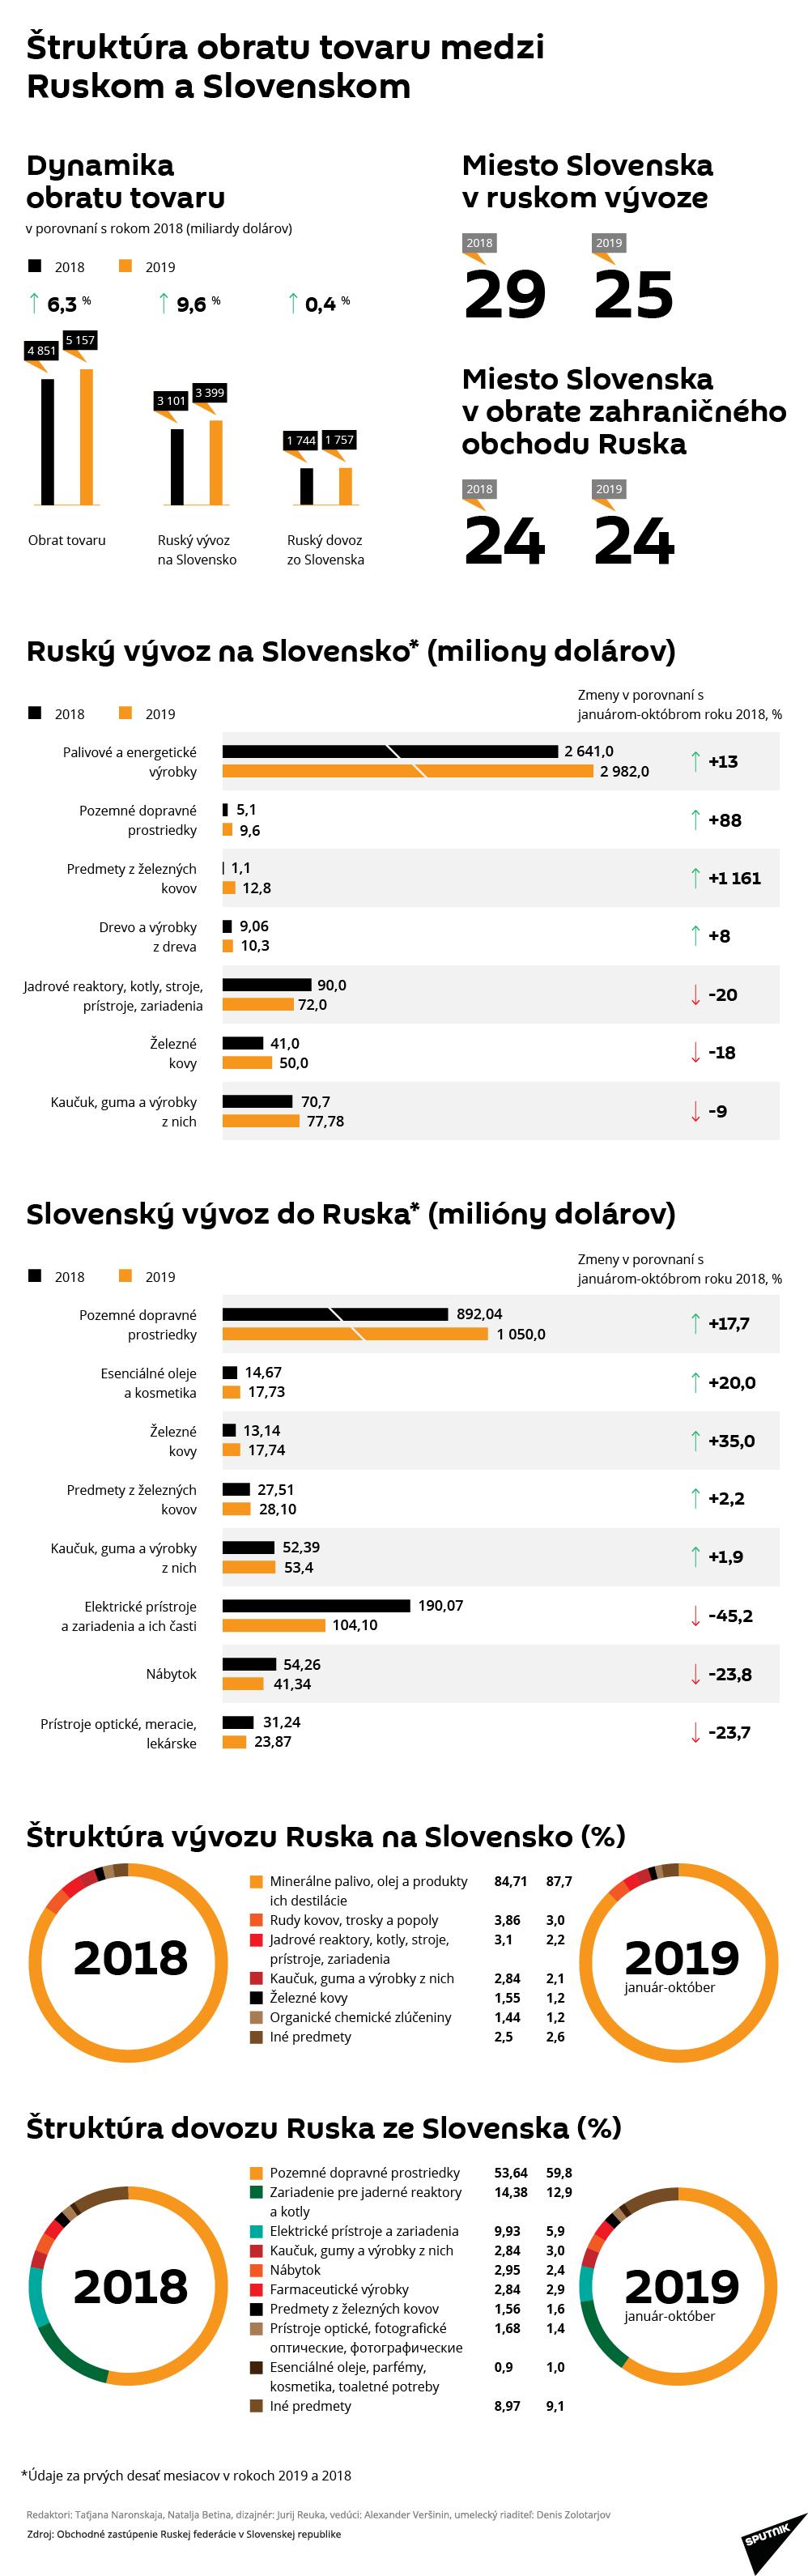 Štruktúra obratu tovaru medzi Ruskom a Slovenskom